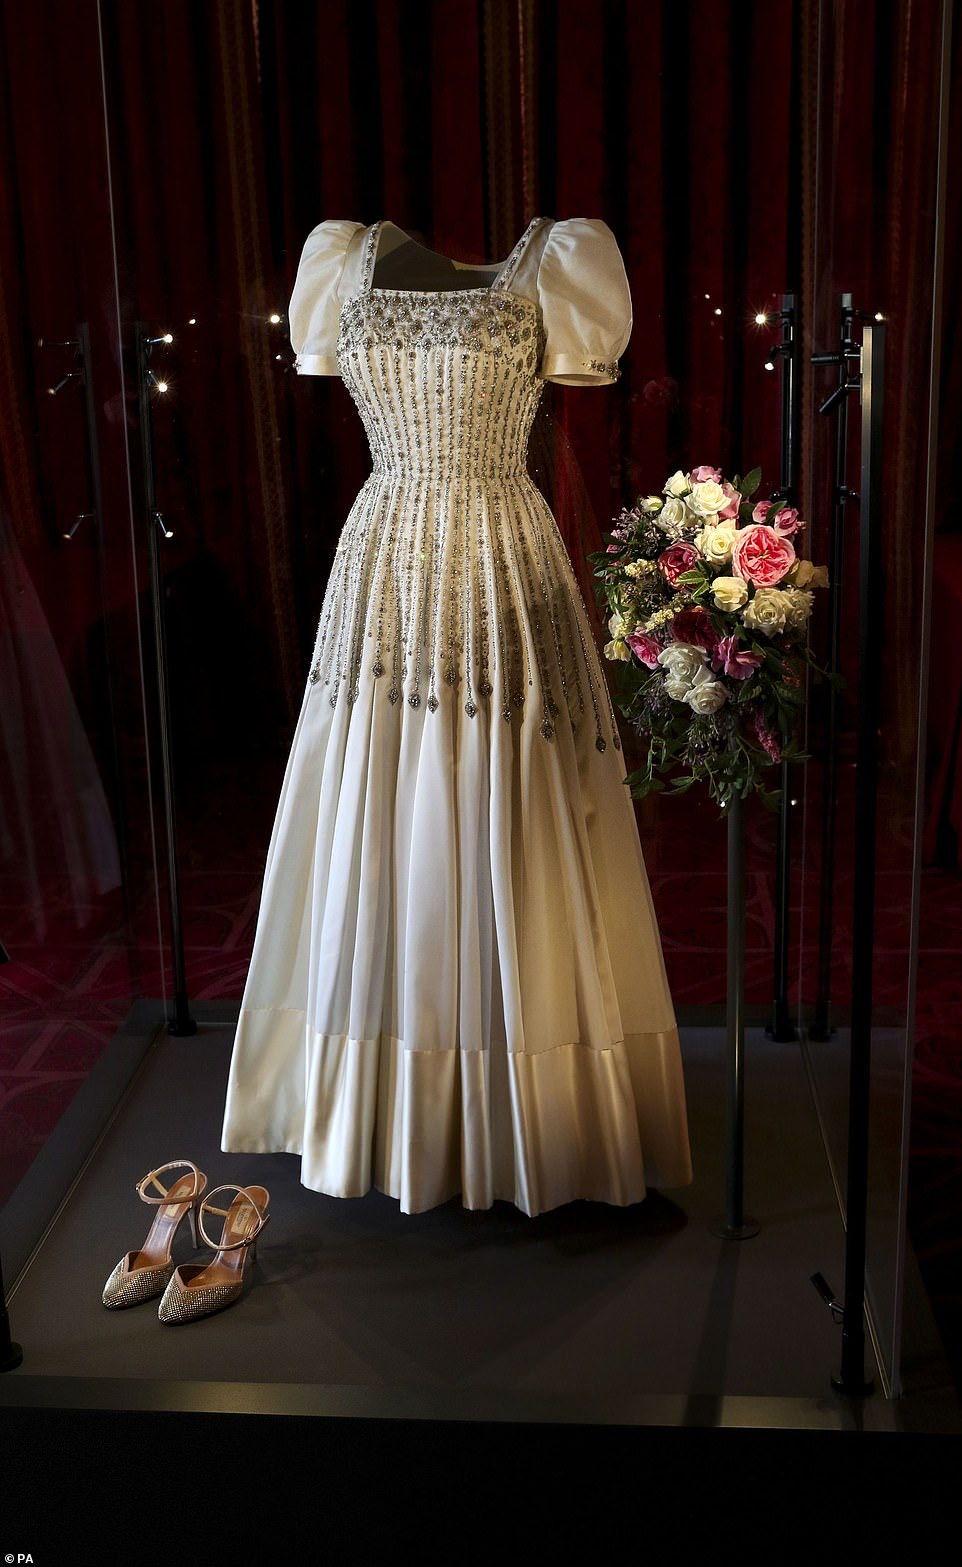 Pin By Lynn Seifert On The Royal Firm Royal Dresses Royal Wedding Gowns Royal Wedding Dress [ 1567 x 962 Pixel ]